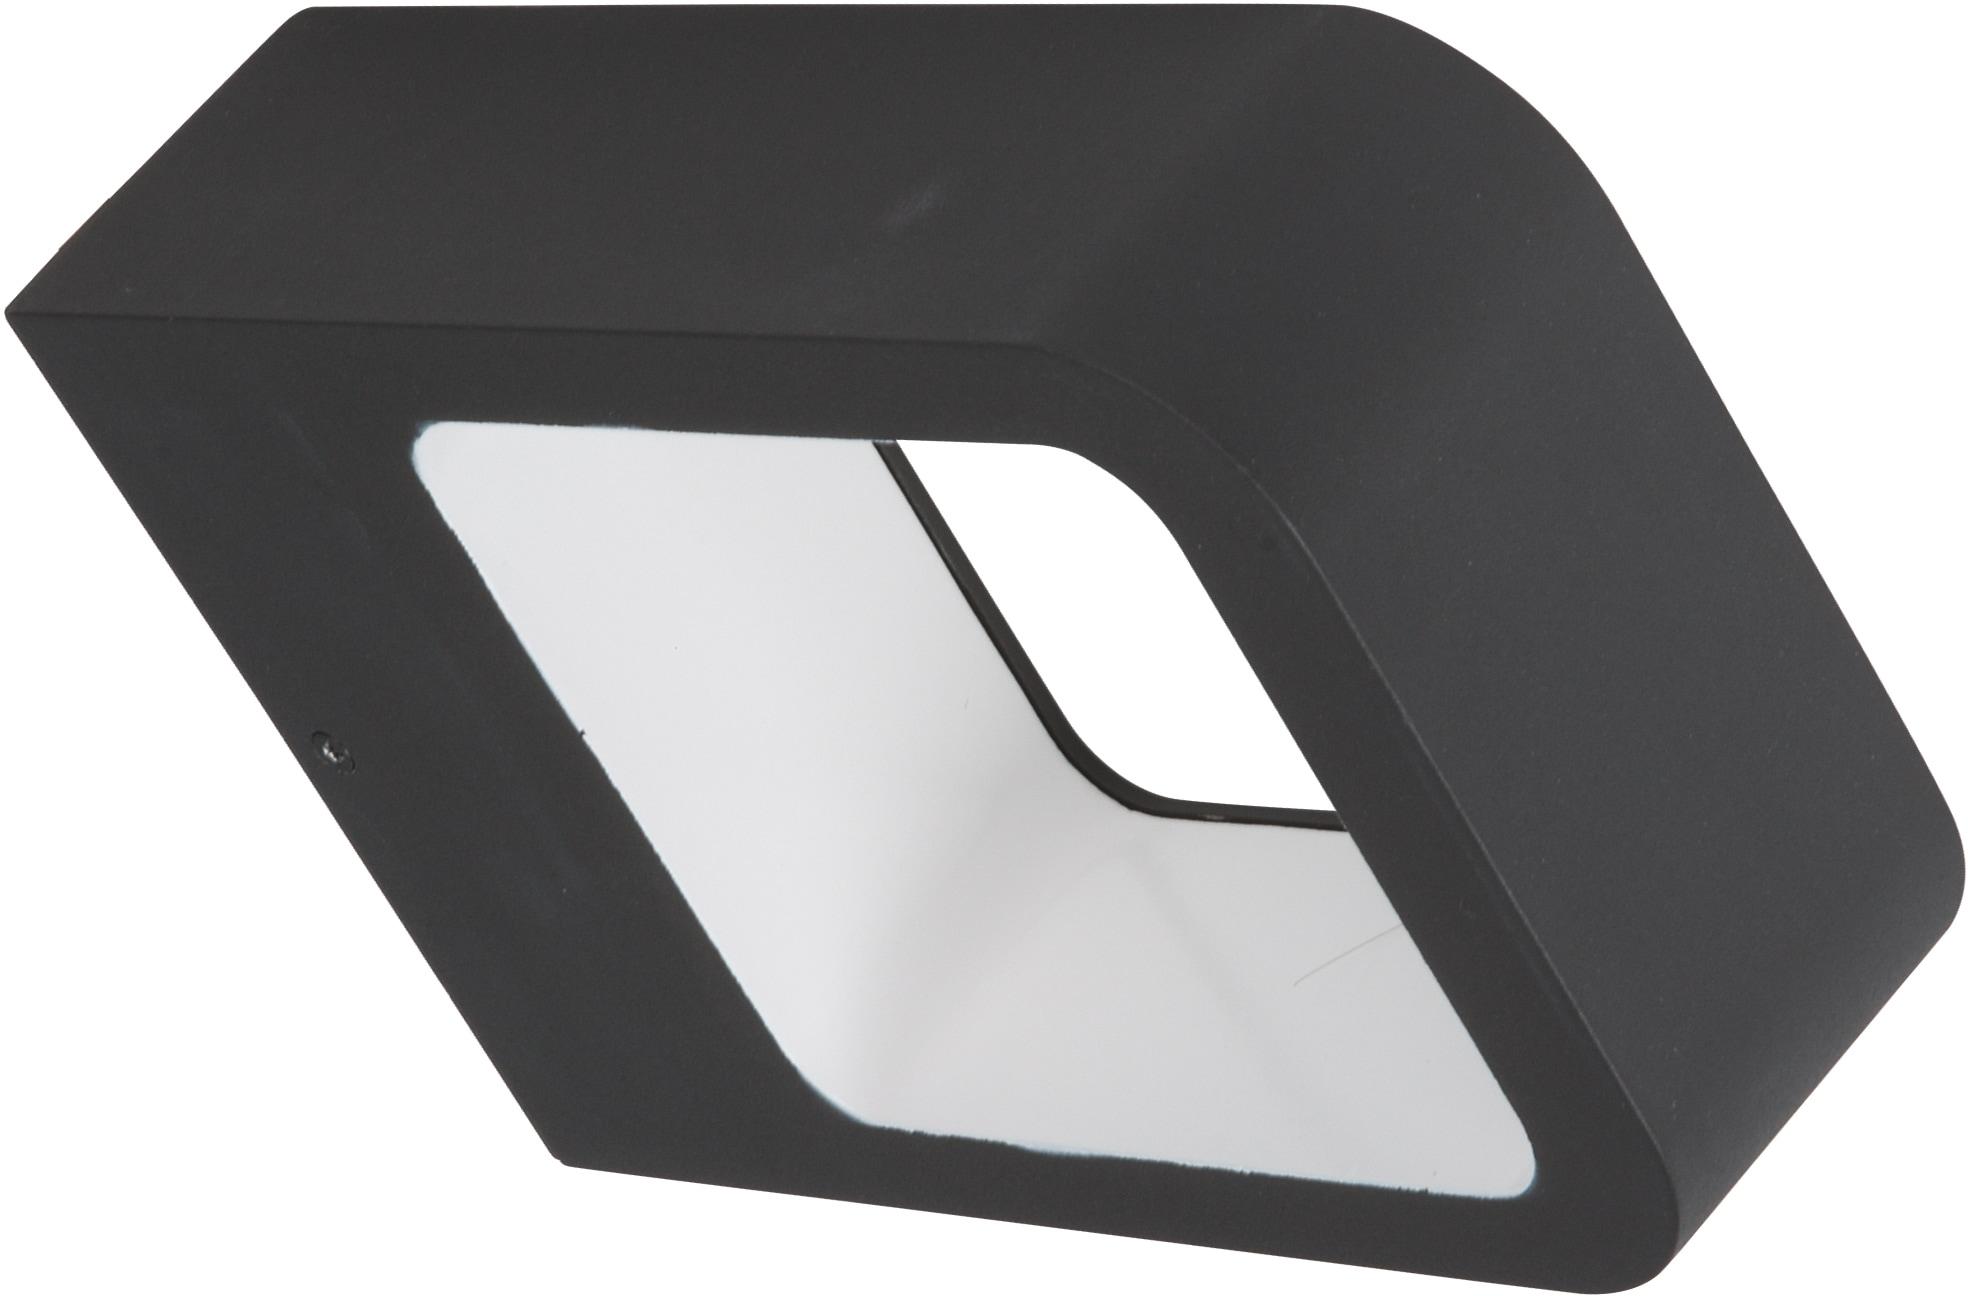 HEITRONIC LED Wandleuchte Juna, LED-Modul, 1 St., Warmweiß, Indirekter Lichtaustritt